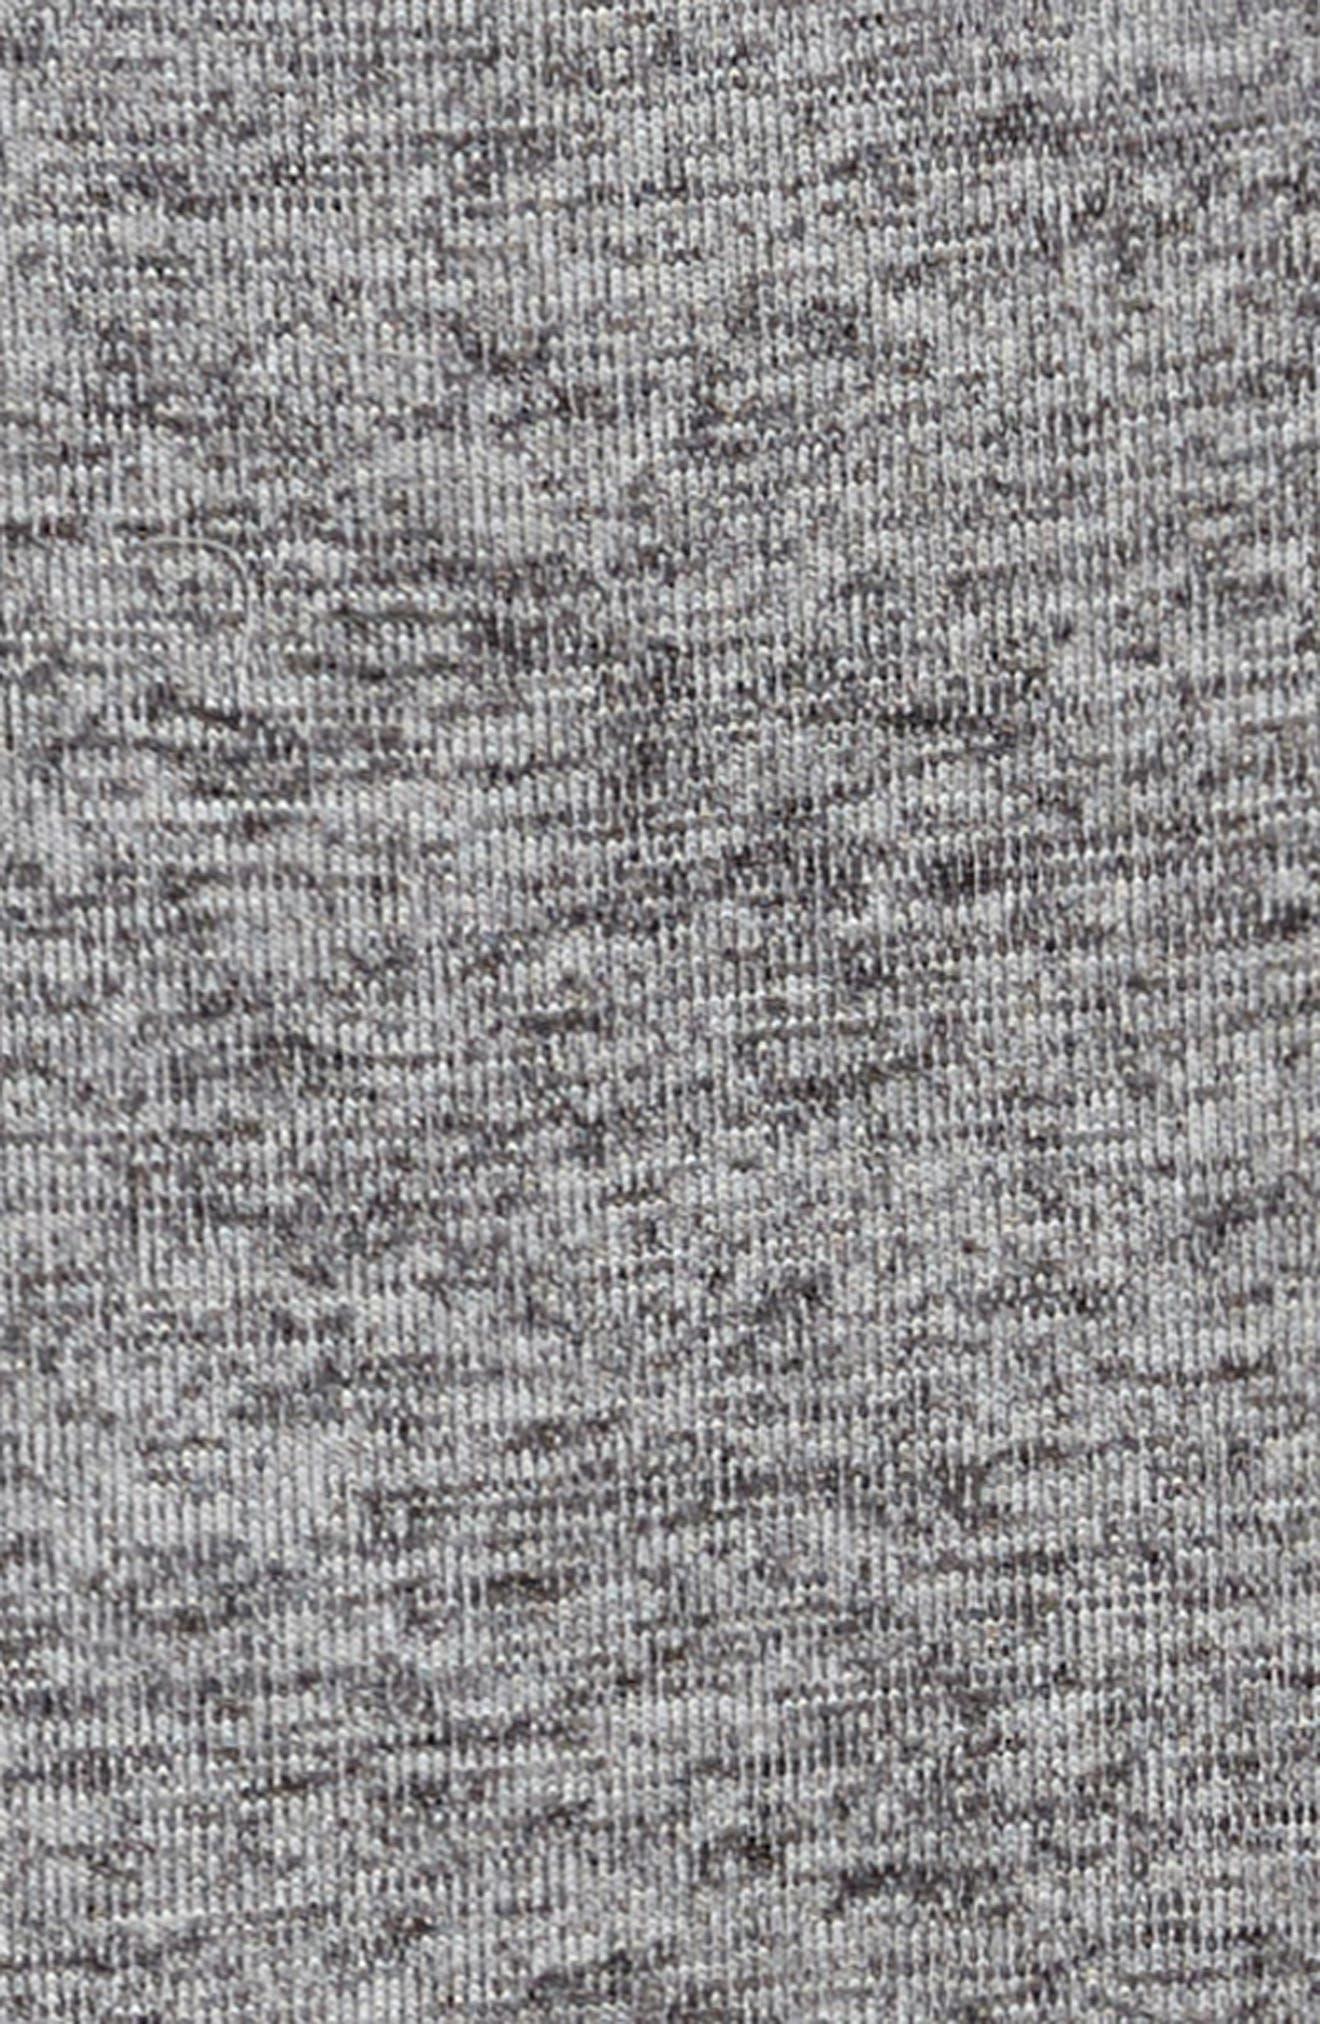 Knot Back Knit Dress,                             Alternate thumbnail 3, color,                             030